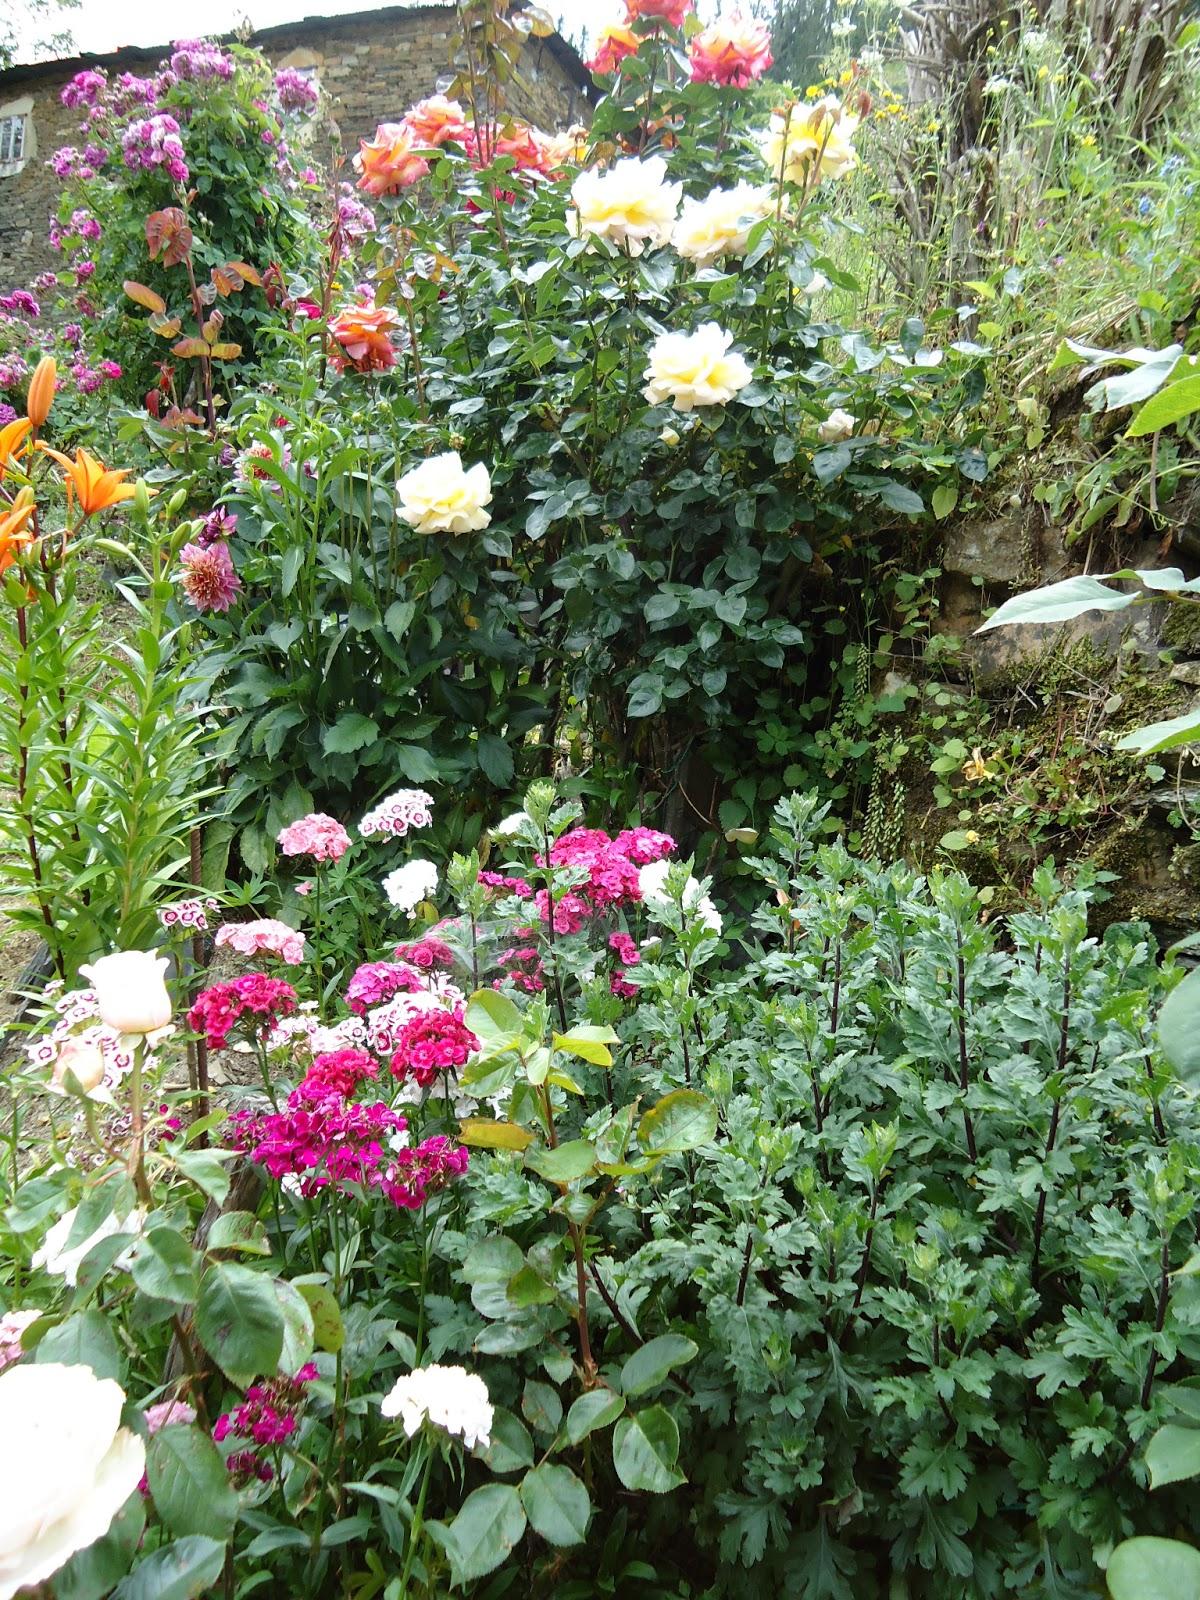 La biosfera de lola el jard n de lola - El jardin de lola ...